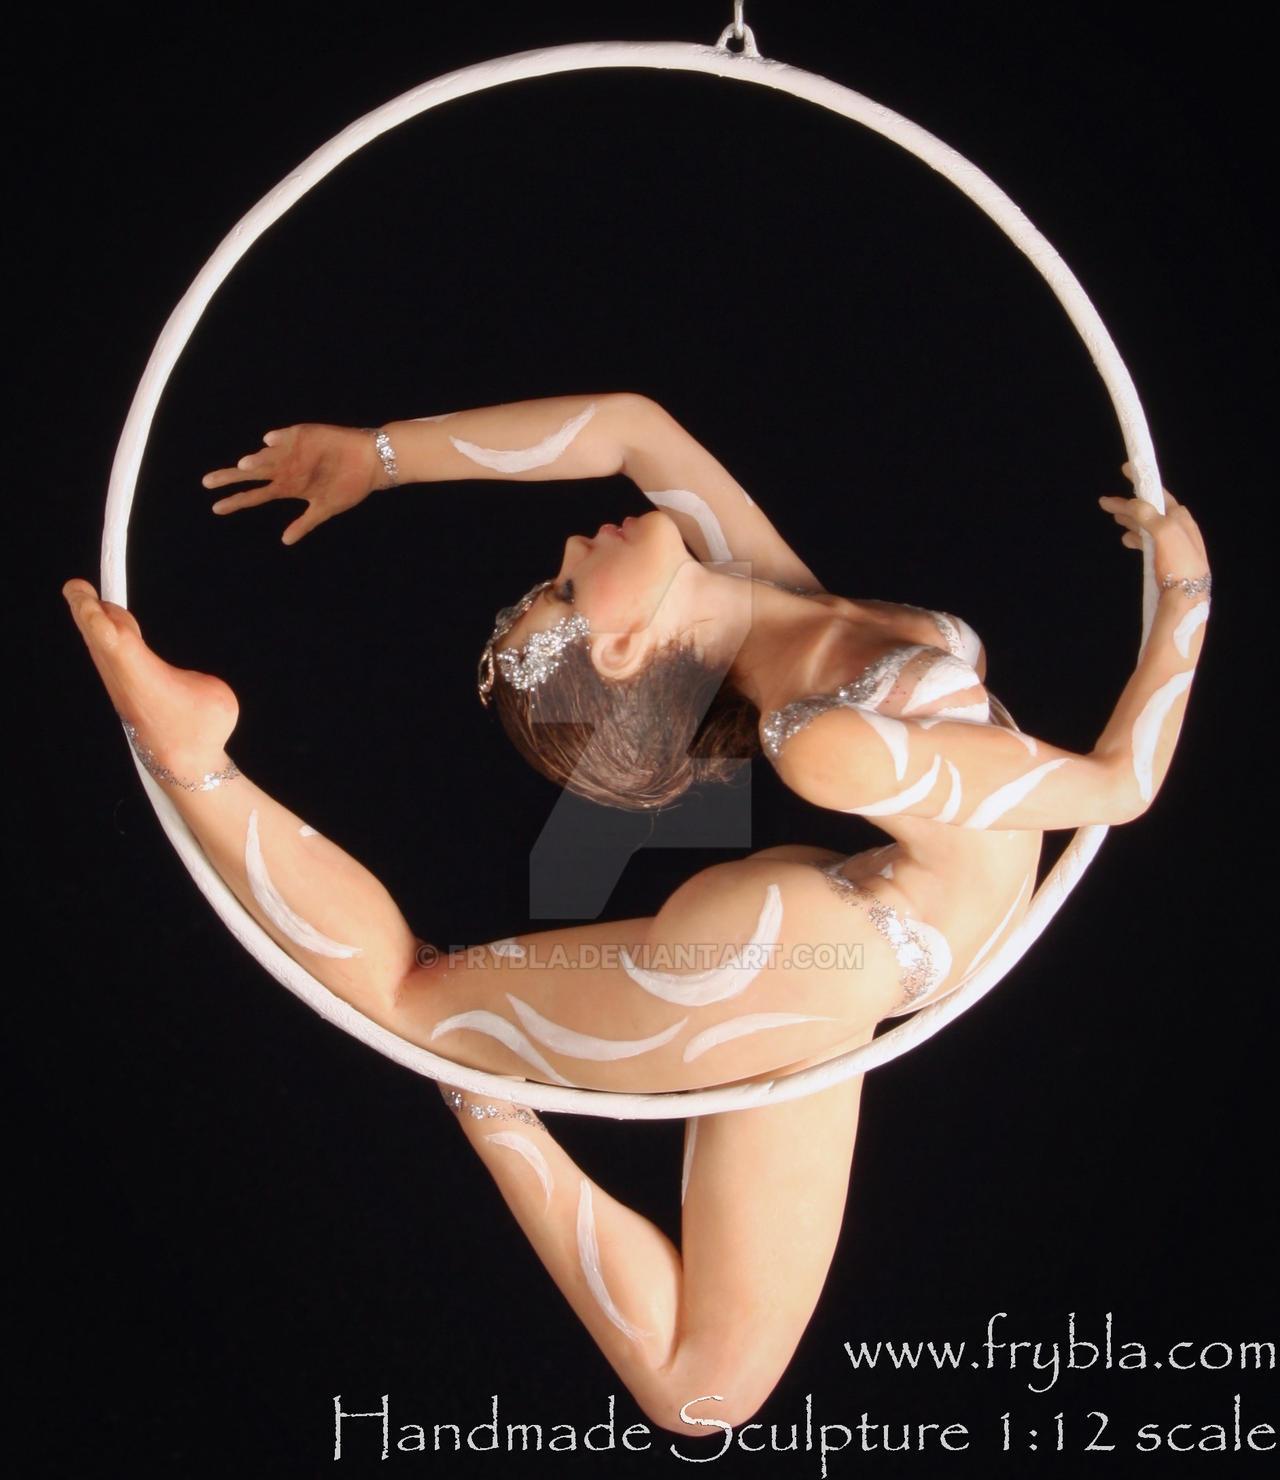 aerial hoop contortionist (miniaturesculputreOOAK) by frybla